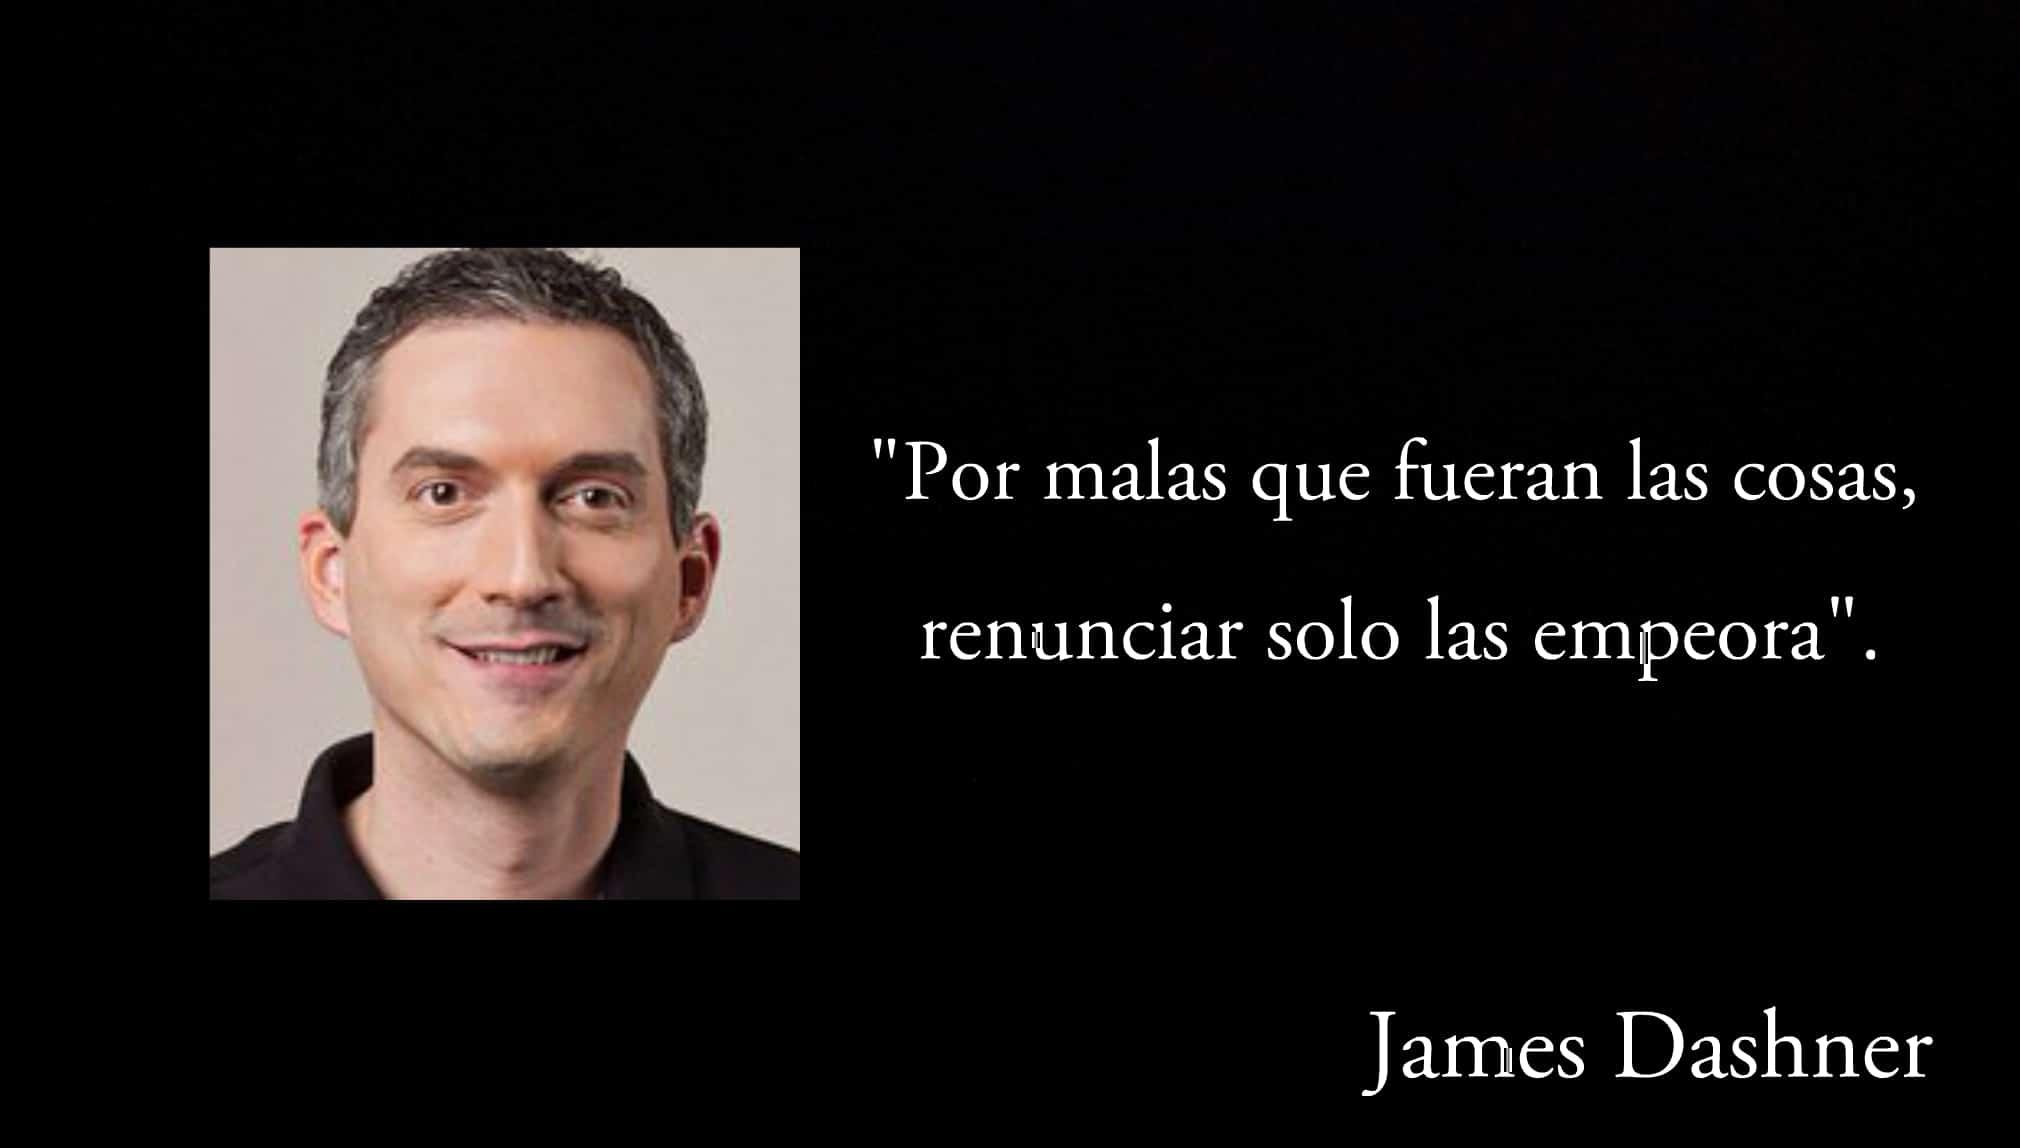 Frase de James Dashner.